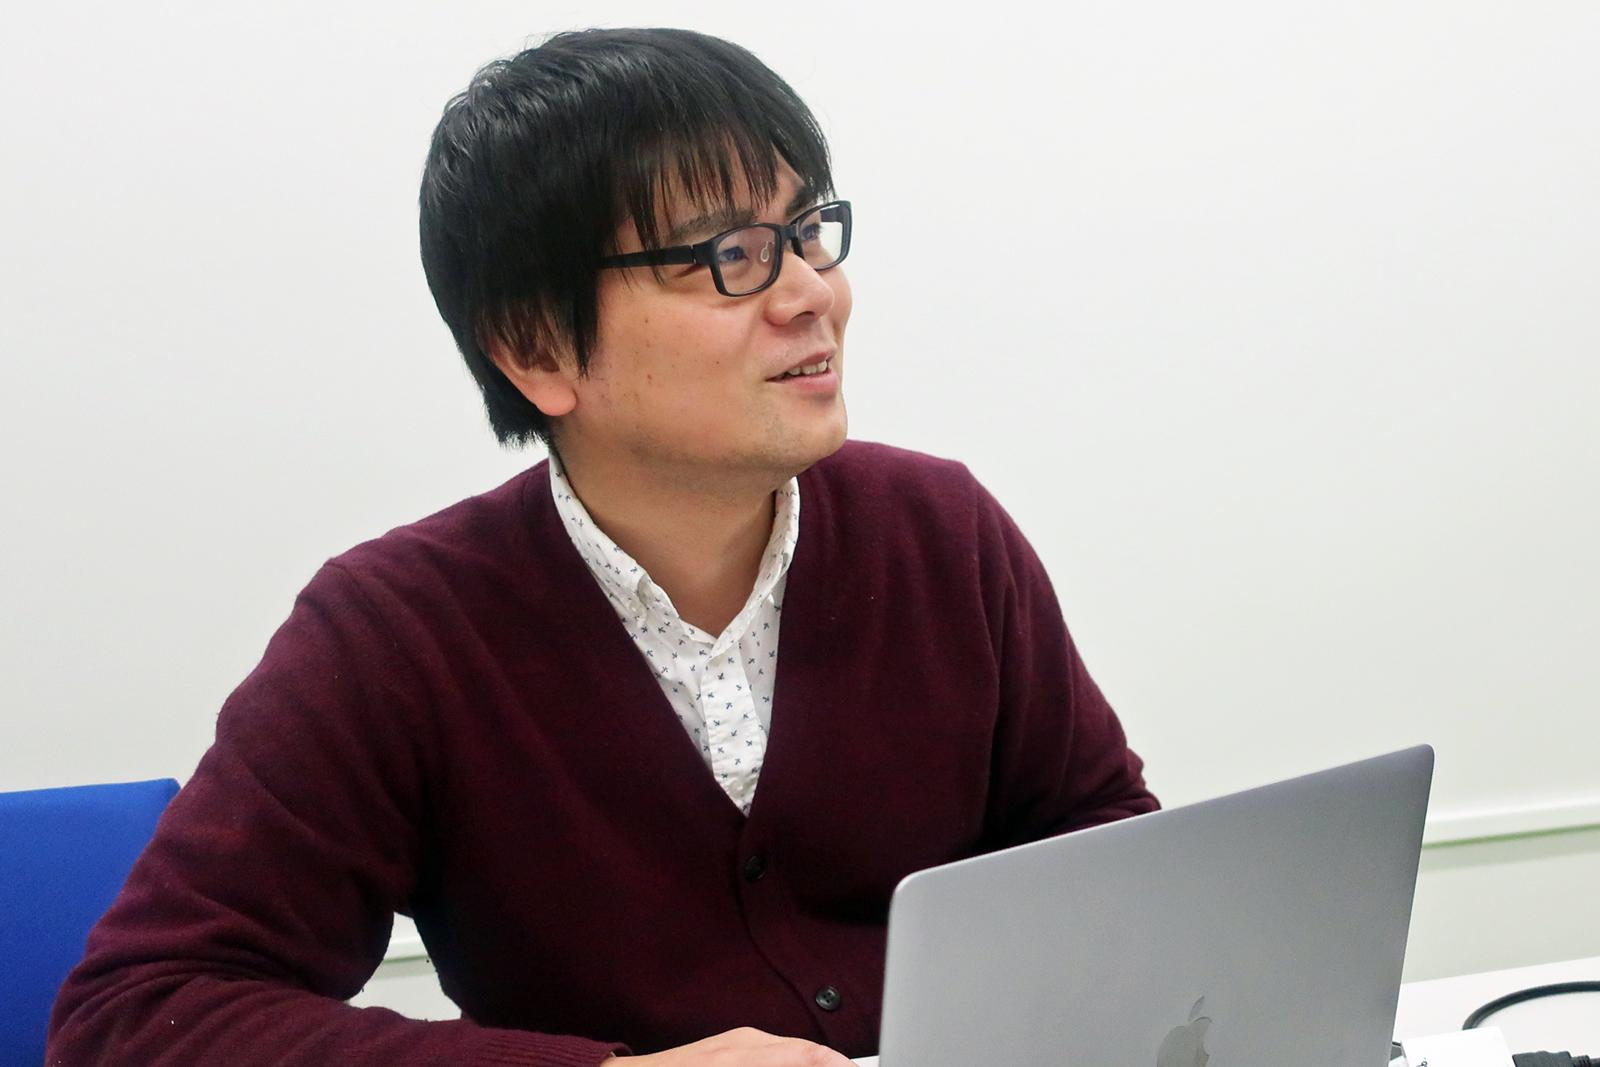 東京工業大学大学院鈴木耕太助教